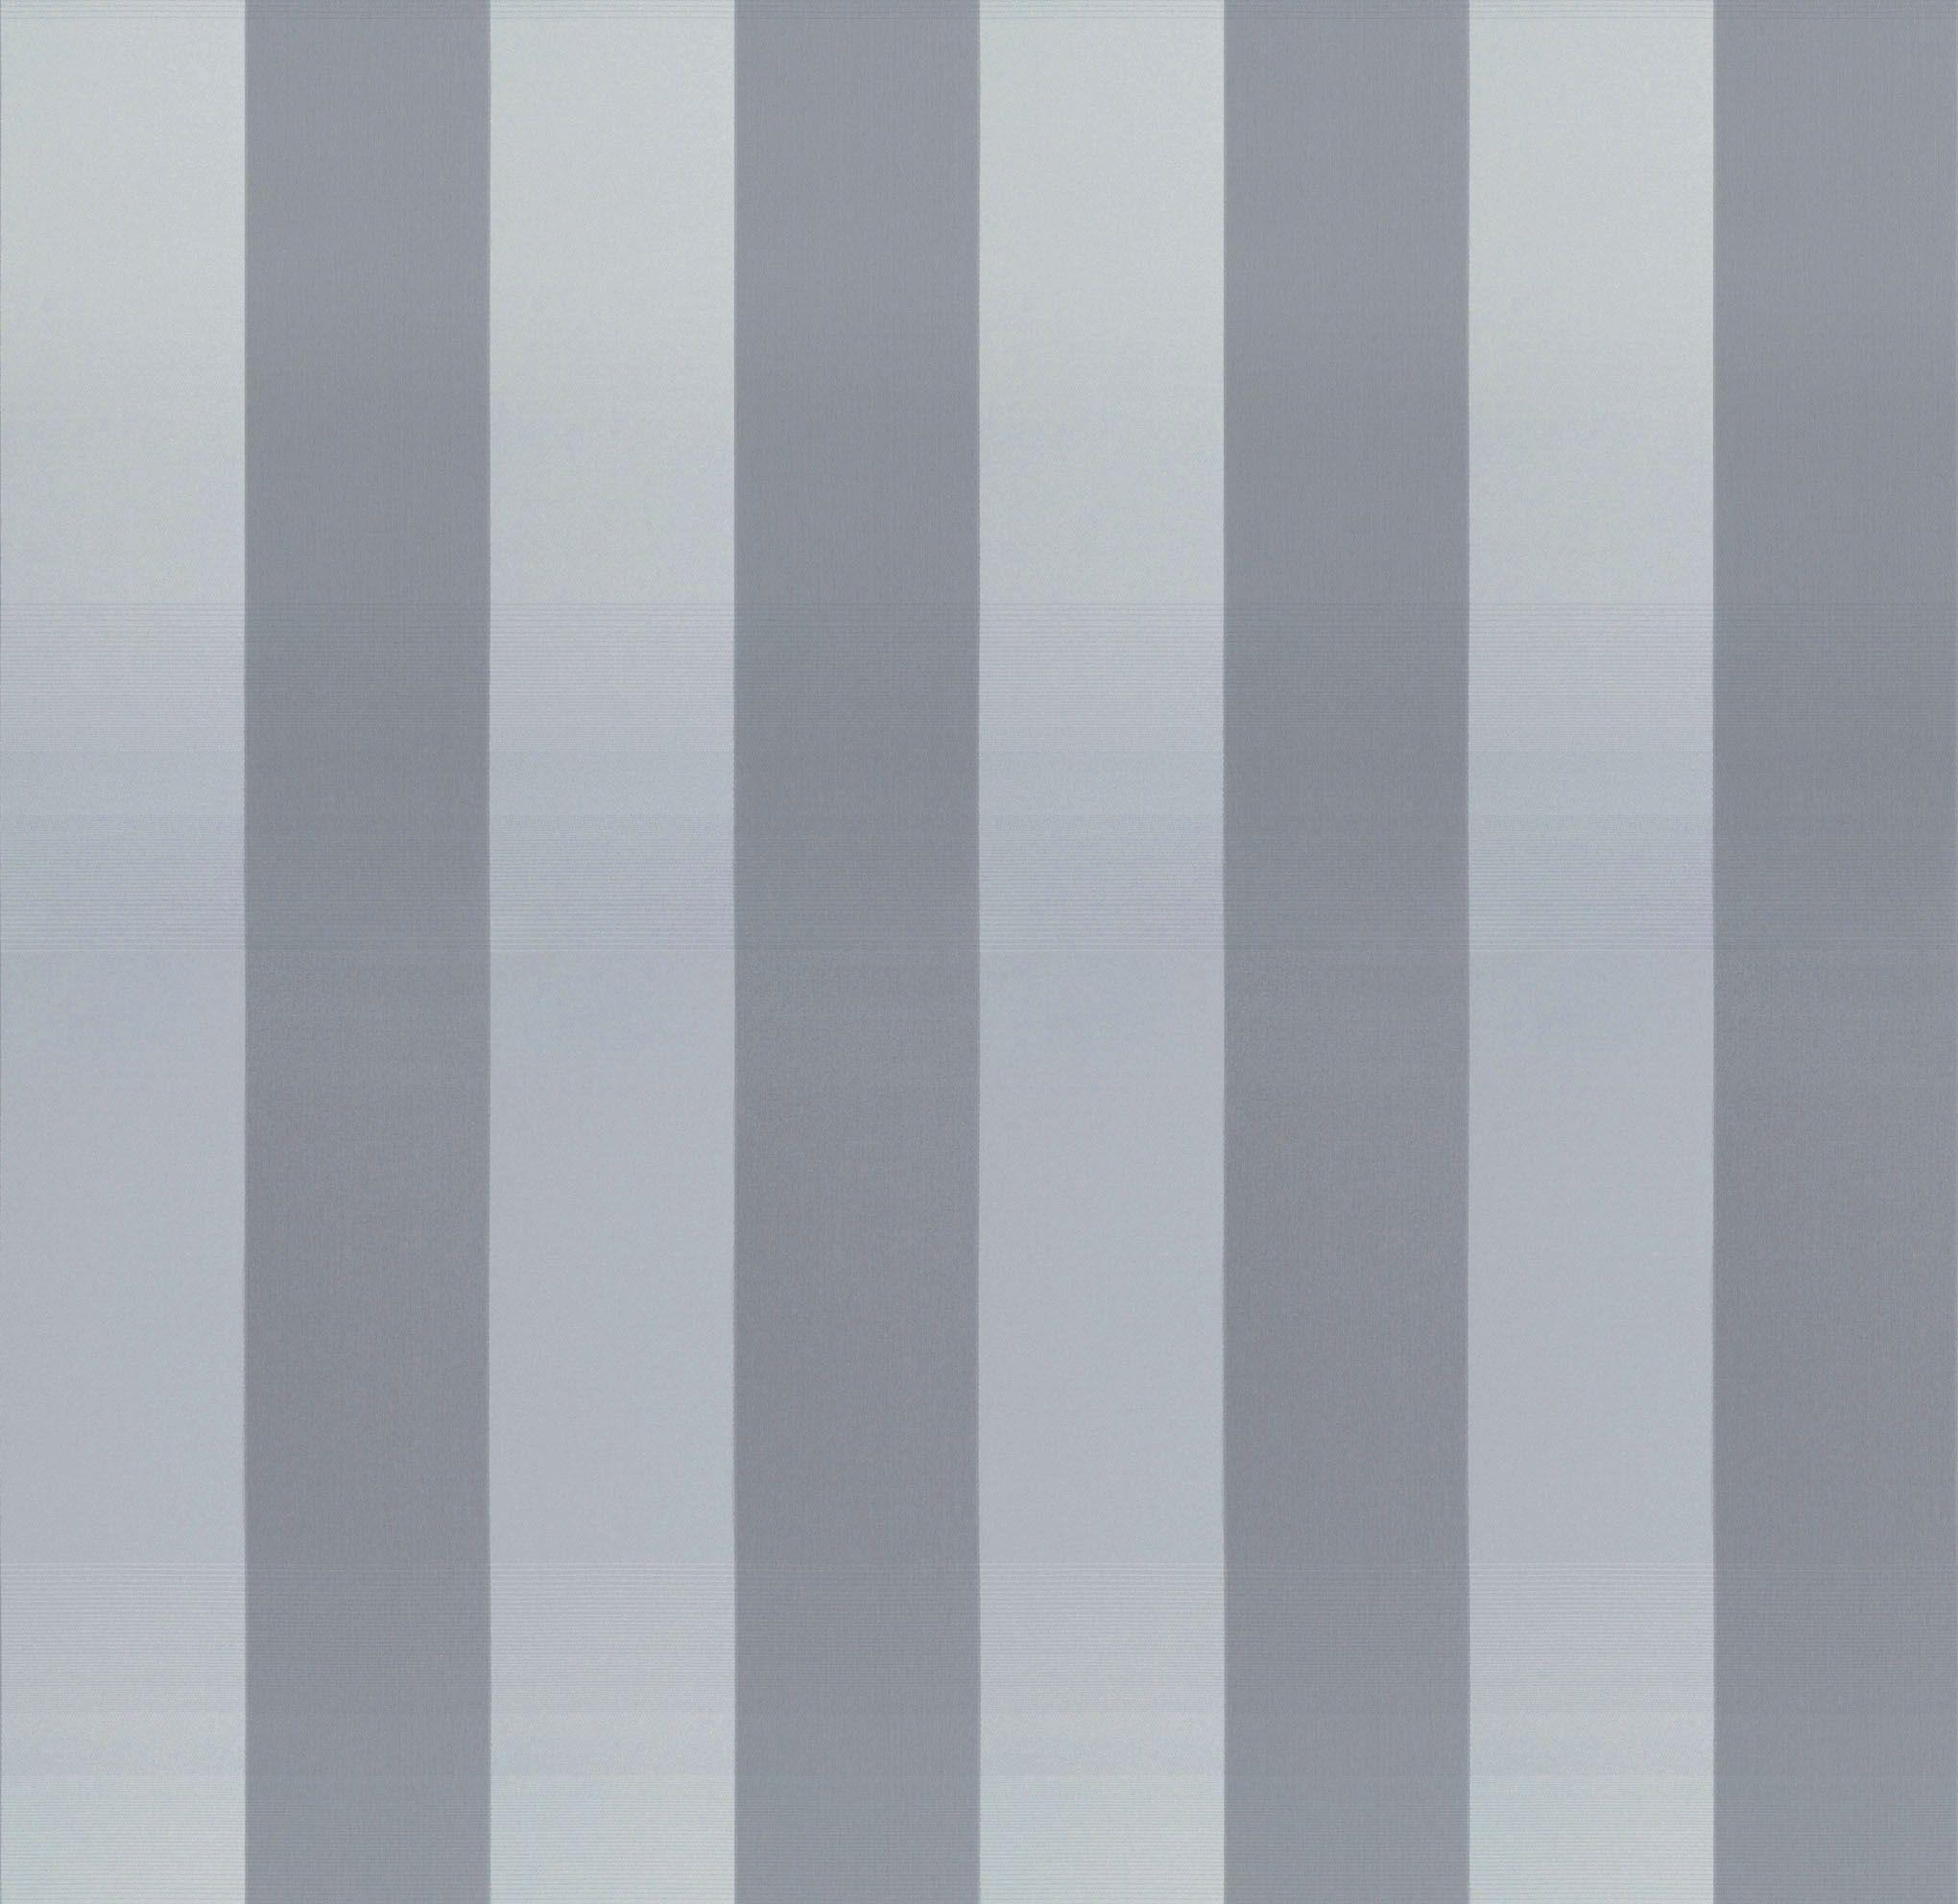 stoff baba 42128-42128501 in farbe 42128501 von saum & viebahn, Wohnzimmer dekoo